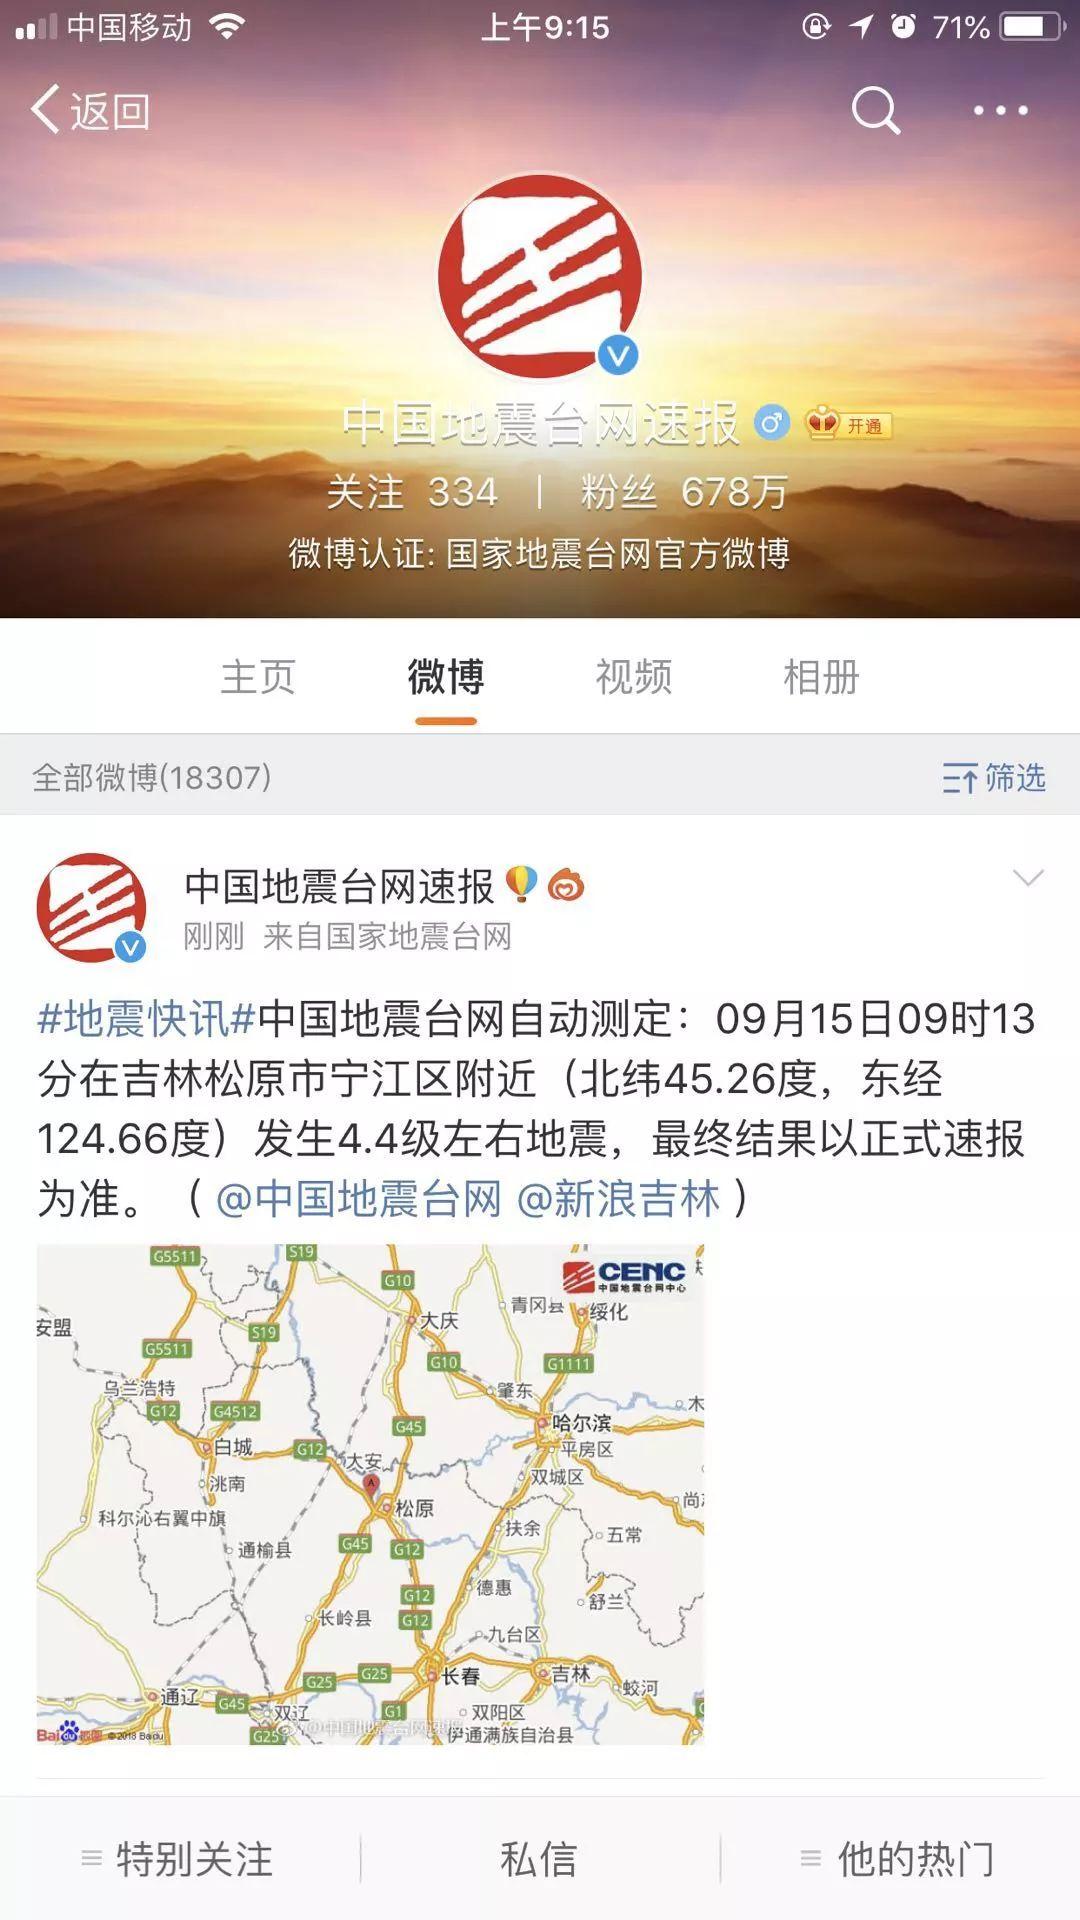 【城事】吉林松原发生4.4级地震,白城有震感!朋友圈炸了!